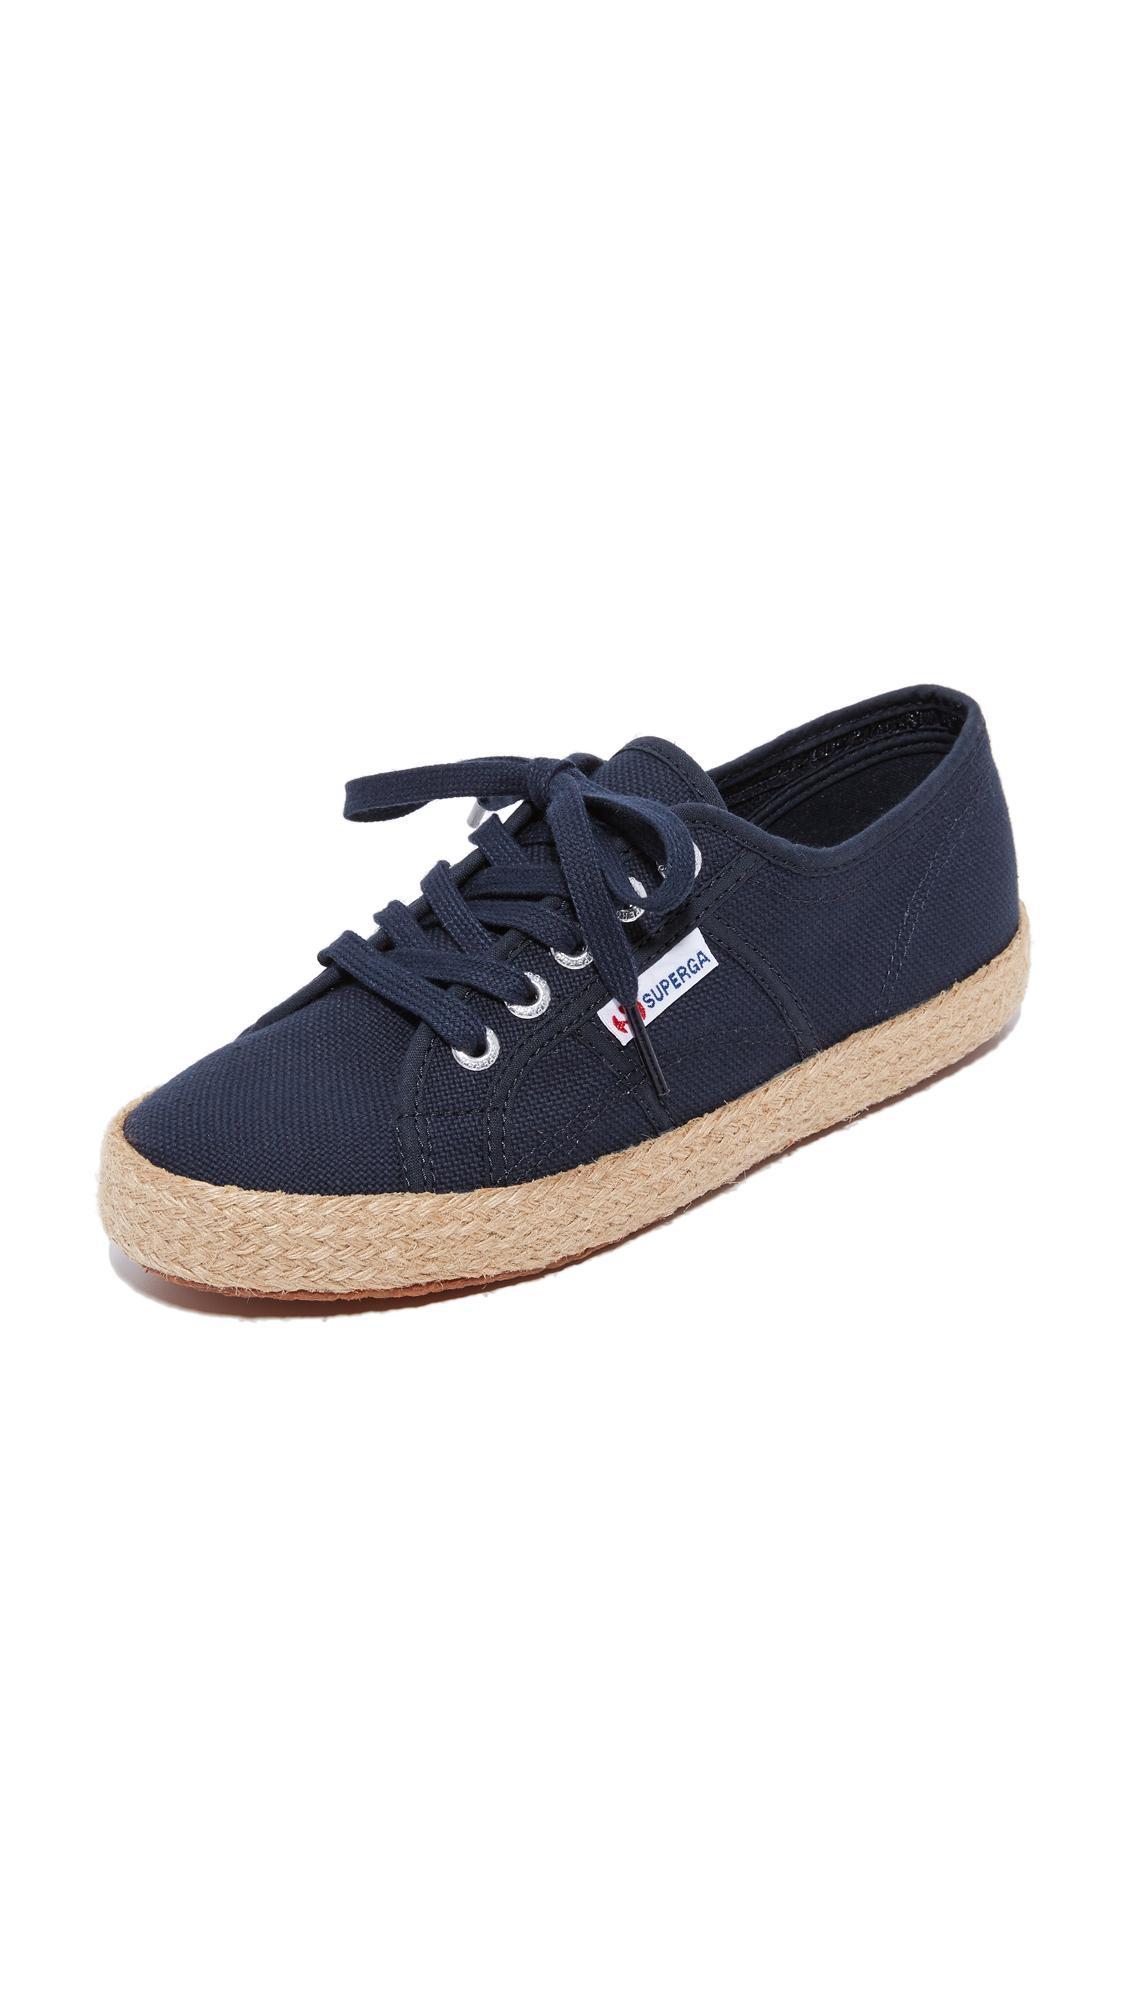 Superga: Superga 2750 Cotu Espadrille Sneakers In Blue